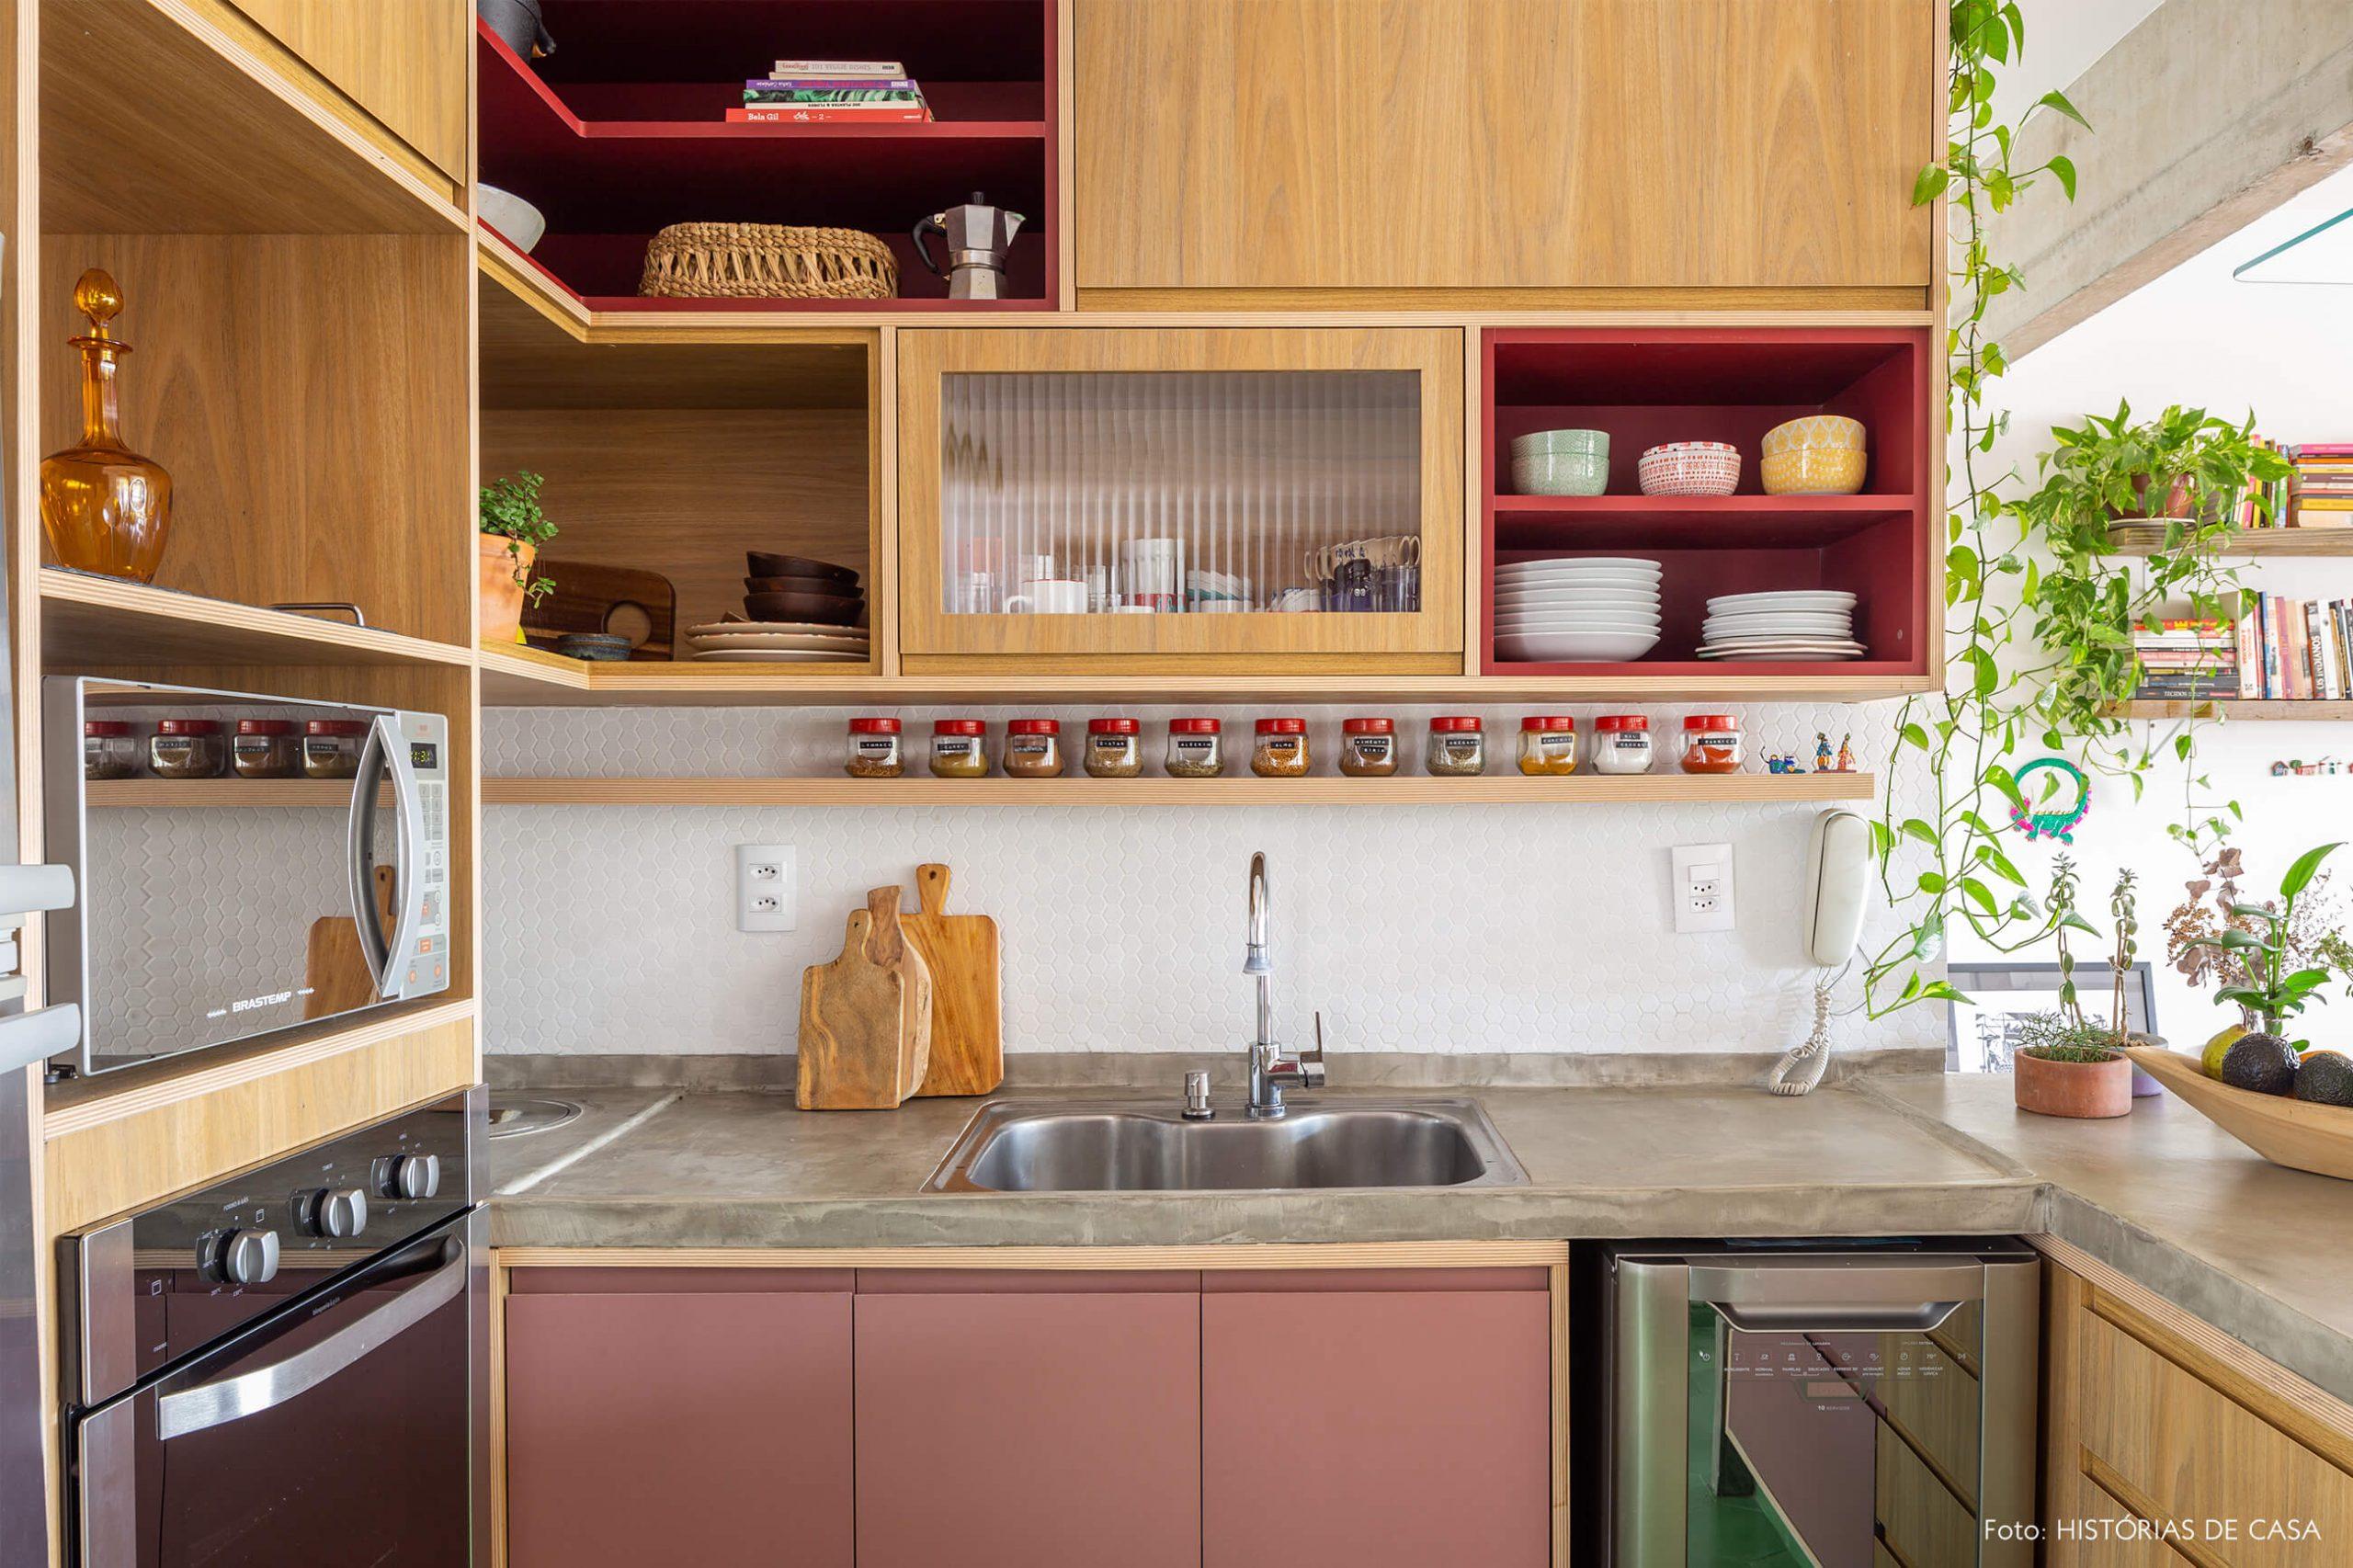 decoração cozinha com bancada de concreto e armários de madeira